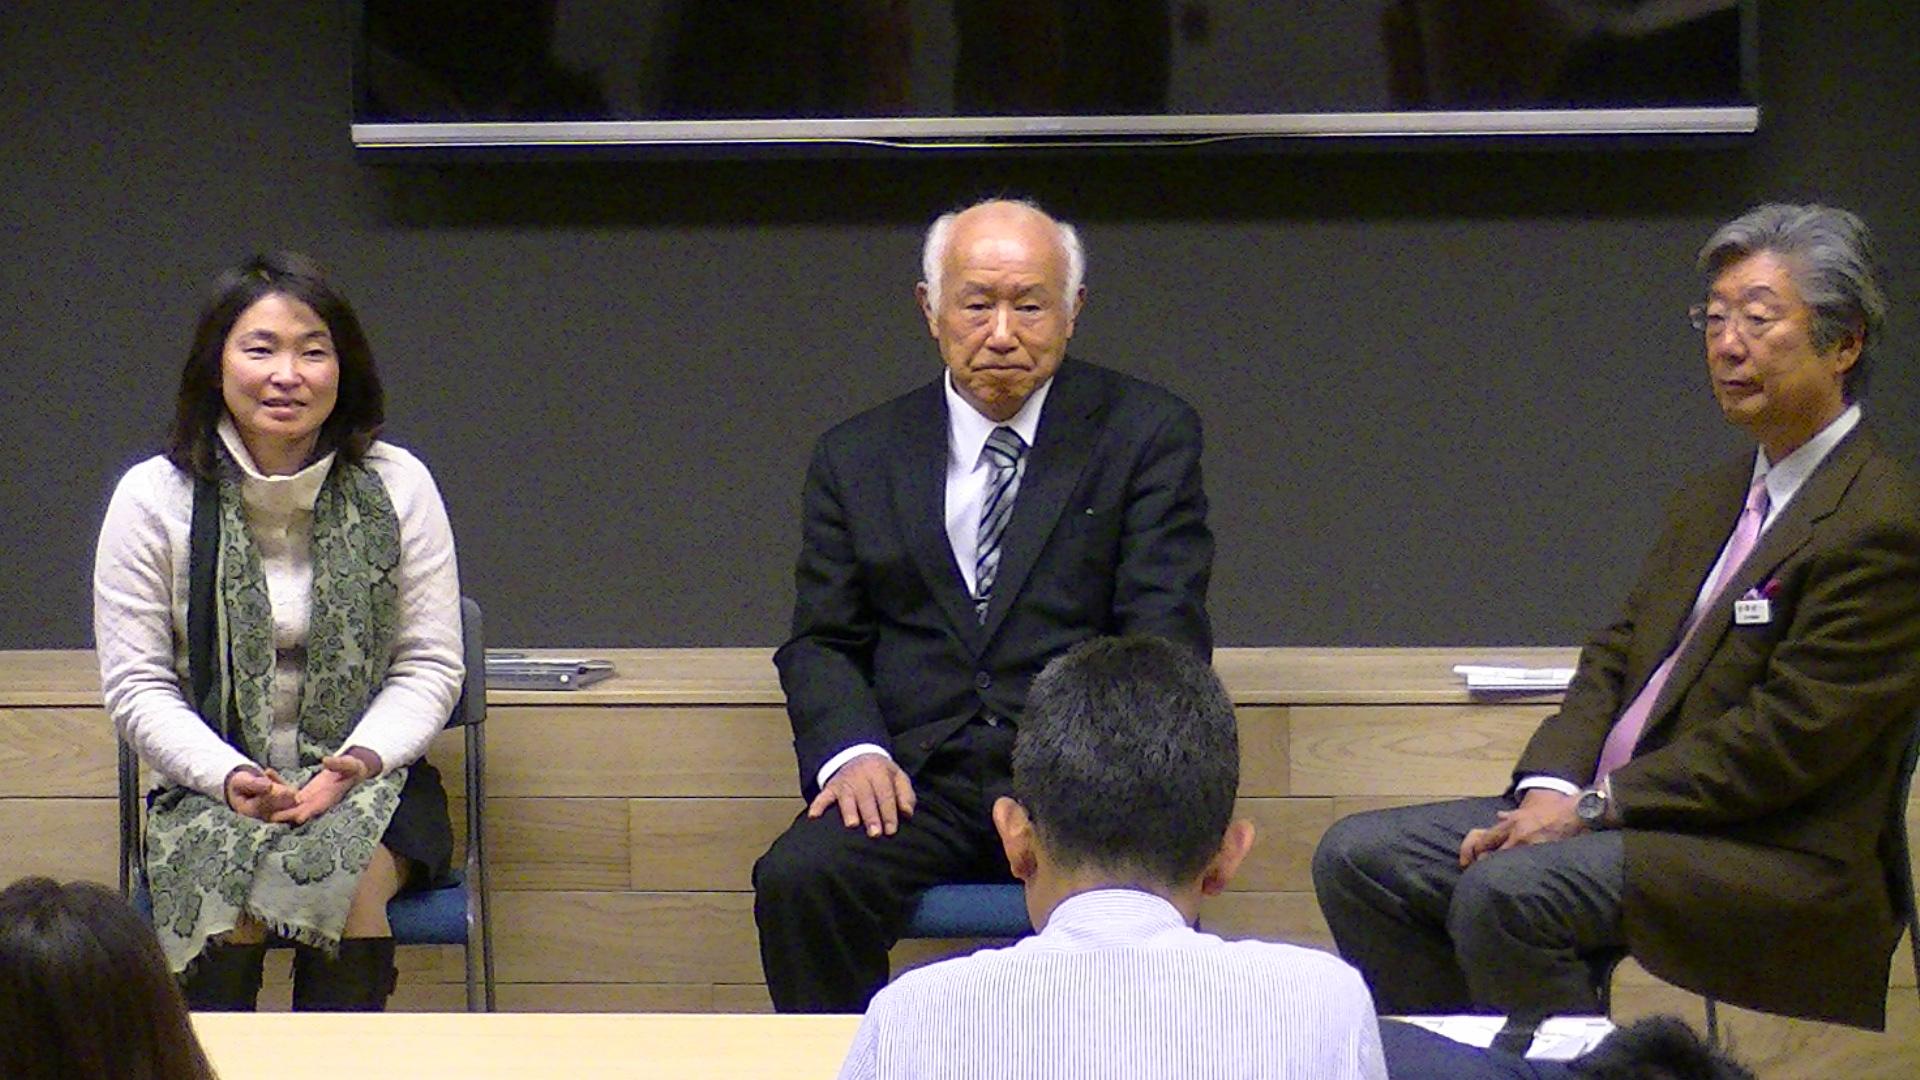 PIC 0547 - 平成30年度 東京思風塾 4月7日(土)「時代が問題をつくり、問題が人物をつくる」